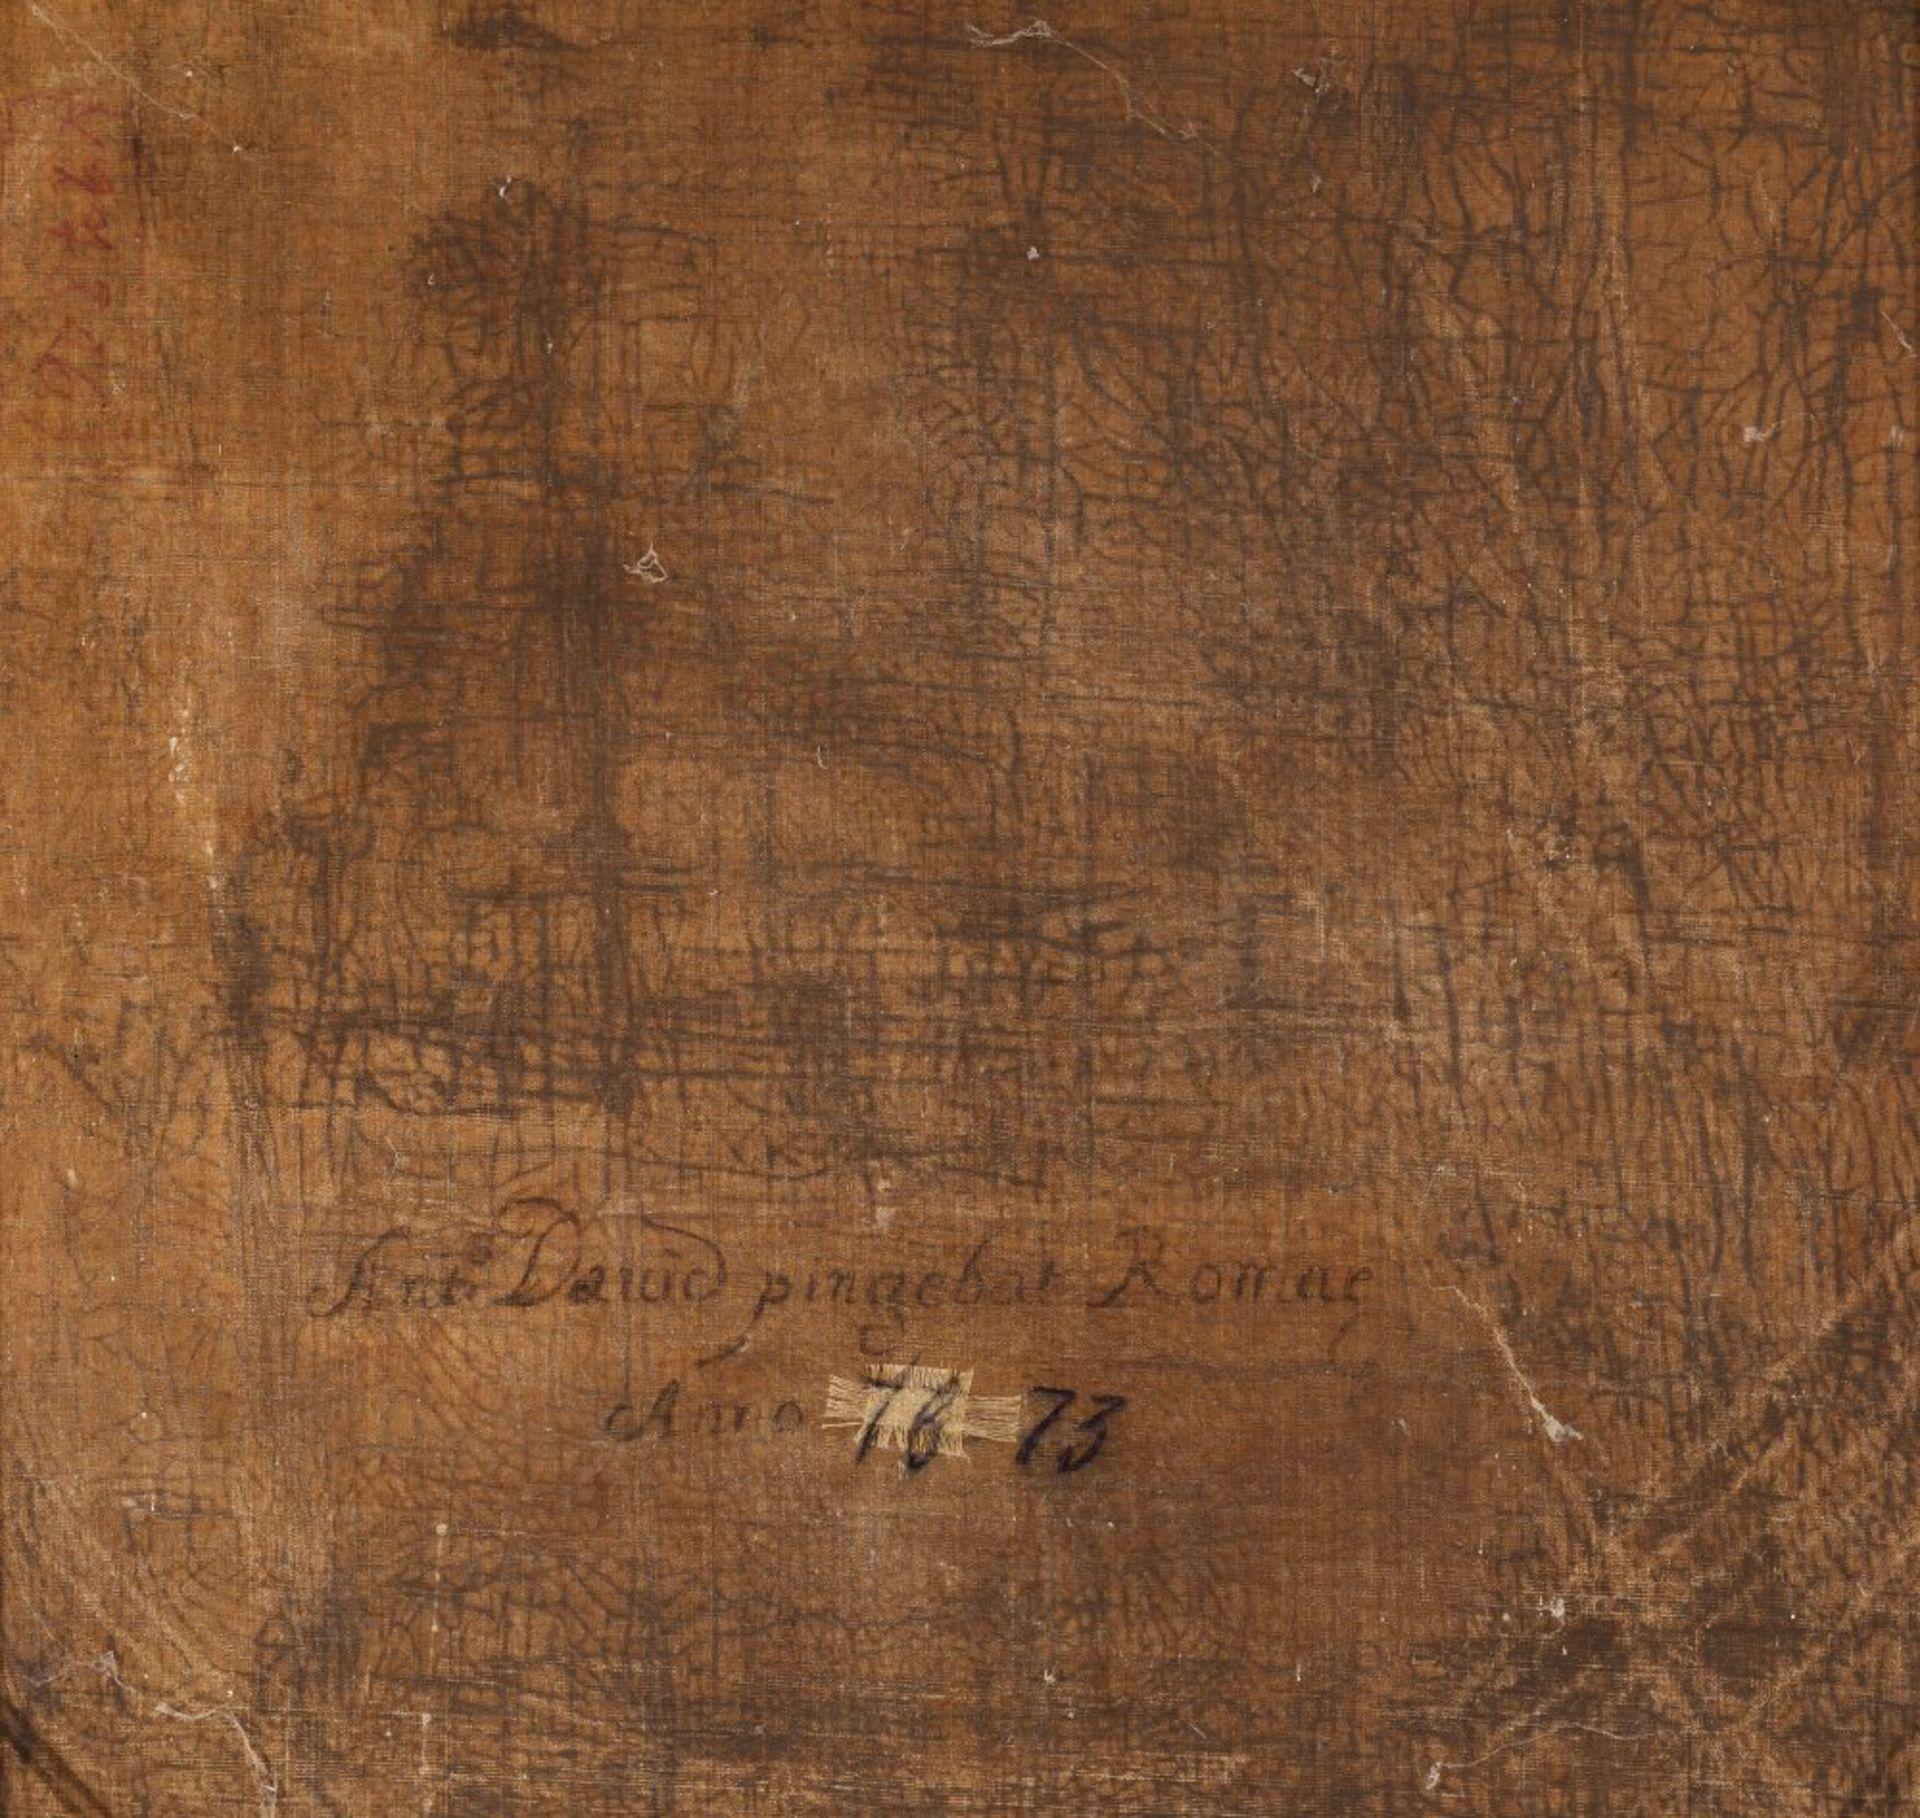 Italien, 18. Jh., Umkreis Antonio David, um 1684 Venedig - ca. 1735 Rom.Brustporträt in Kürass, wohl - Bild 2 aus 2